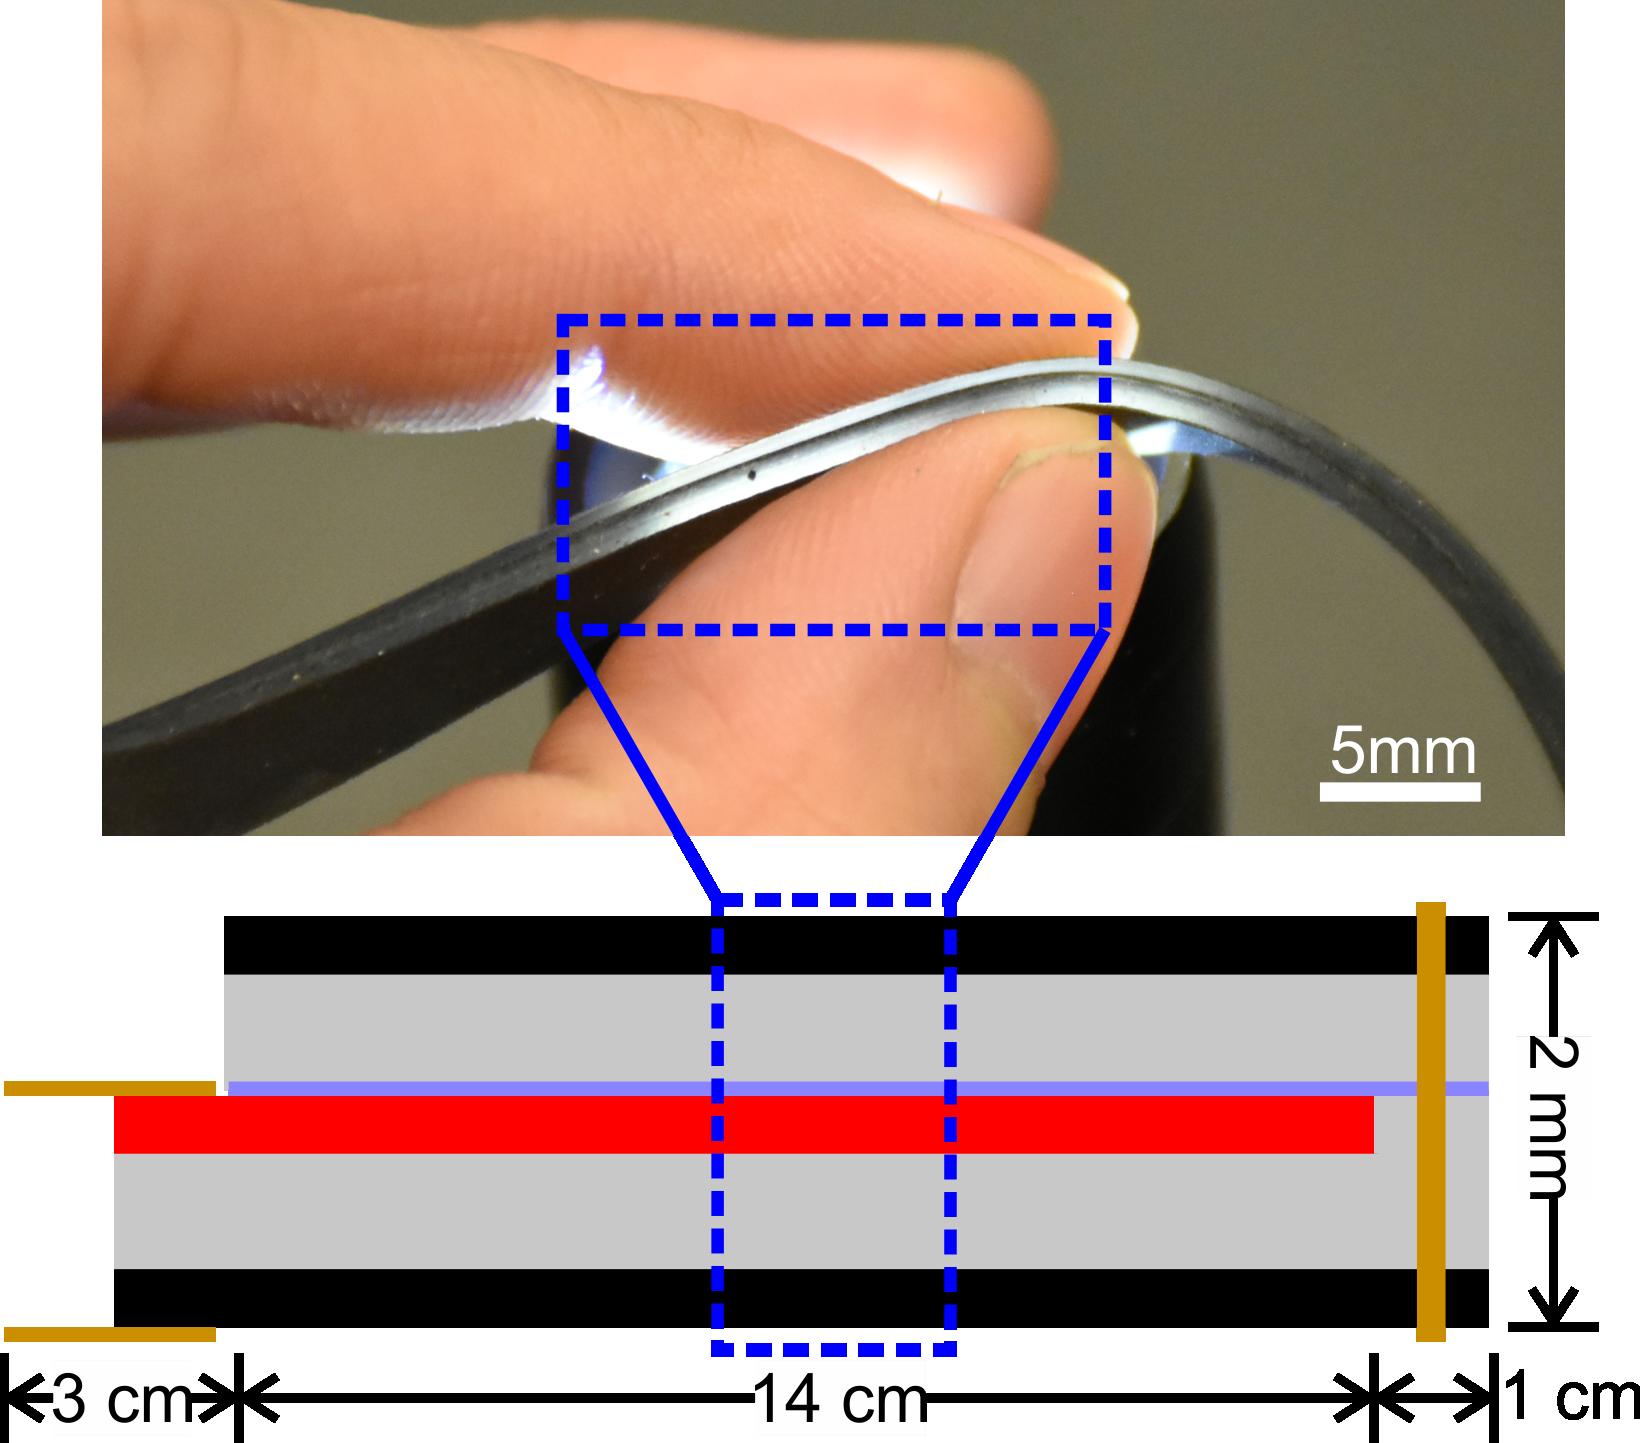 SensorSchematic.png